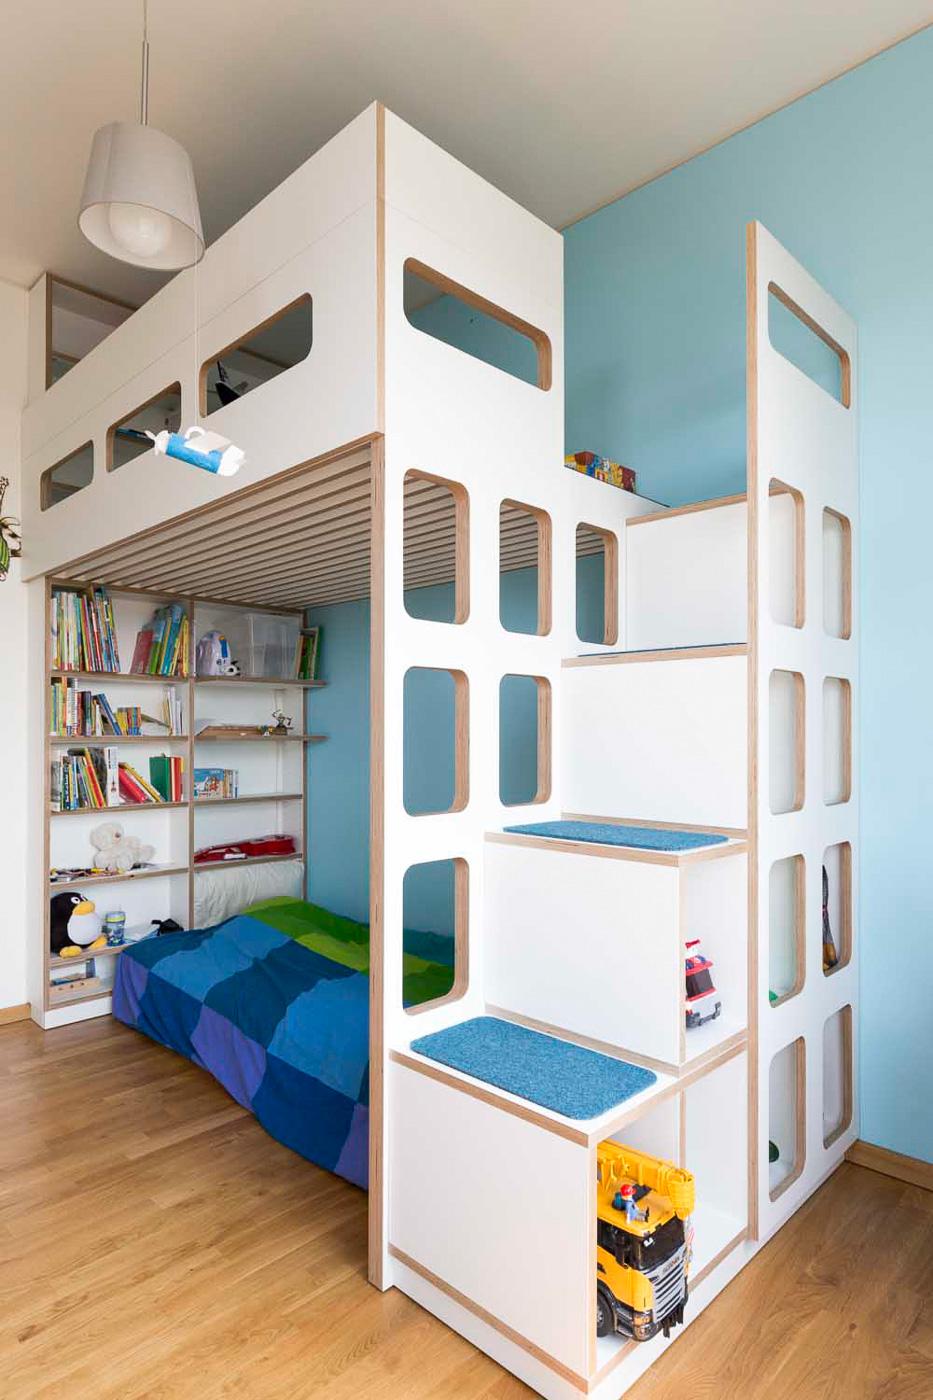 jugendzimmer mit hochbett jugendzimmer mit hochbett 90. Black Bedroom Furniture Sets. Home Design Ideas